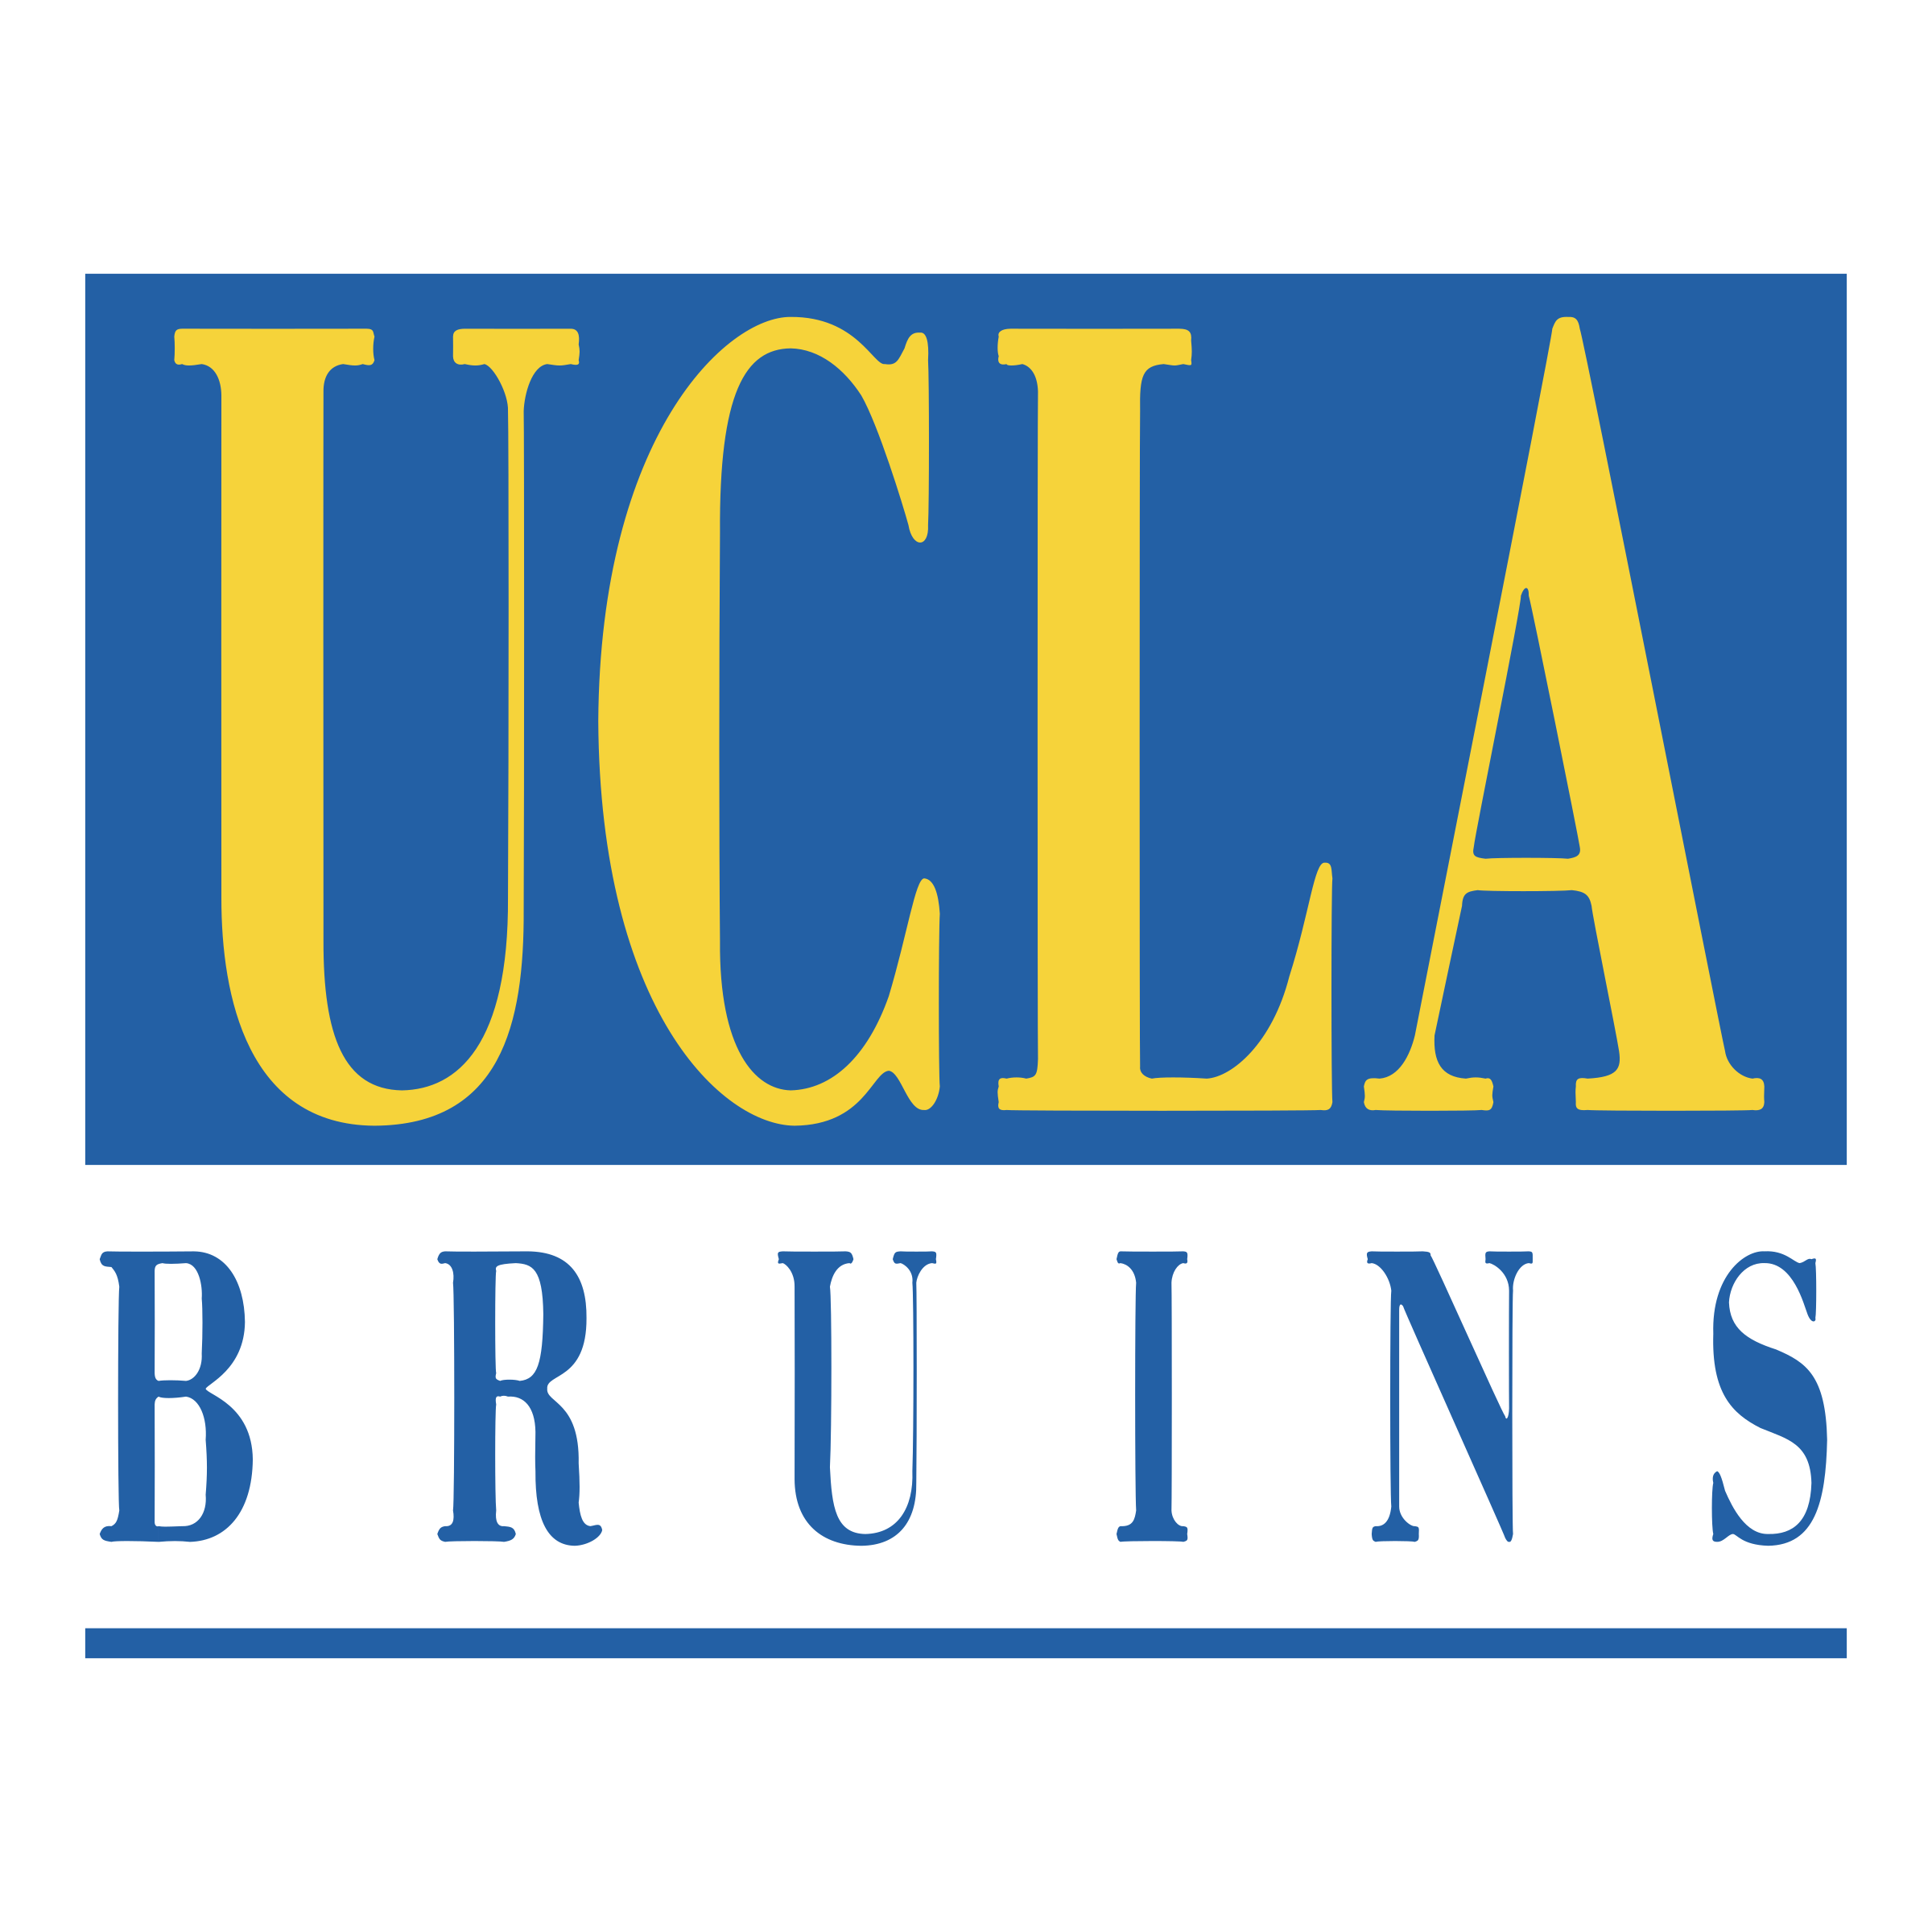 ucla bruins logo png transparent amp svg vector freebie supply